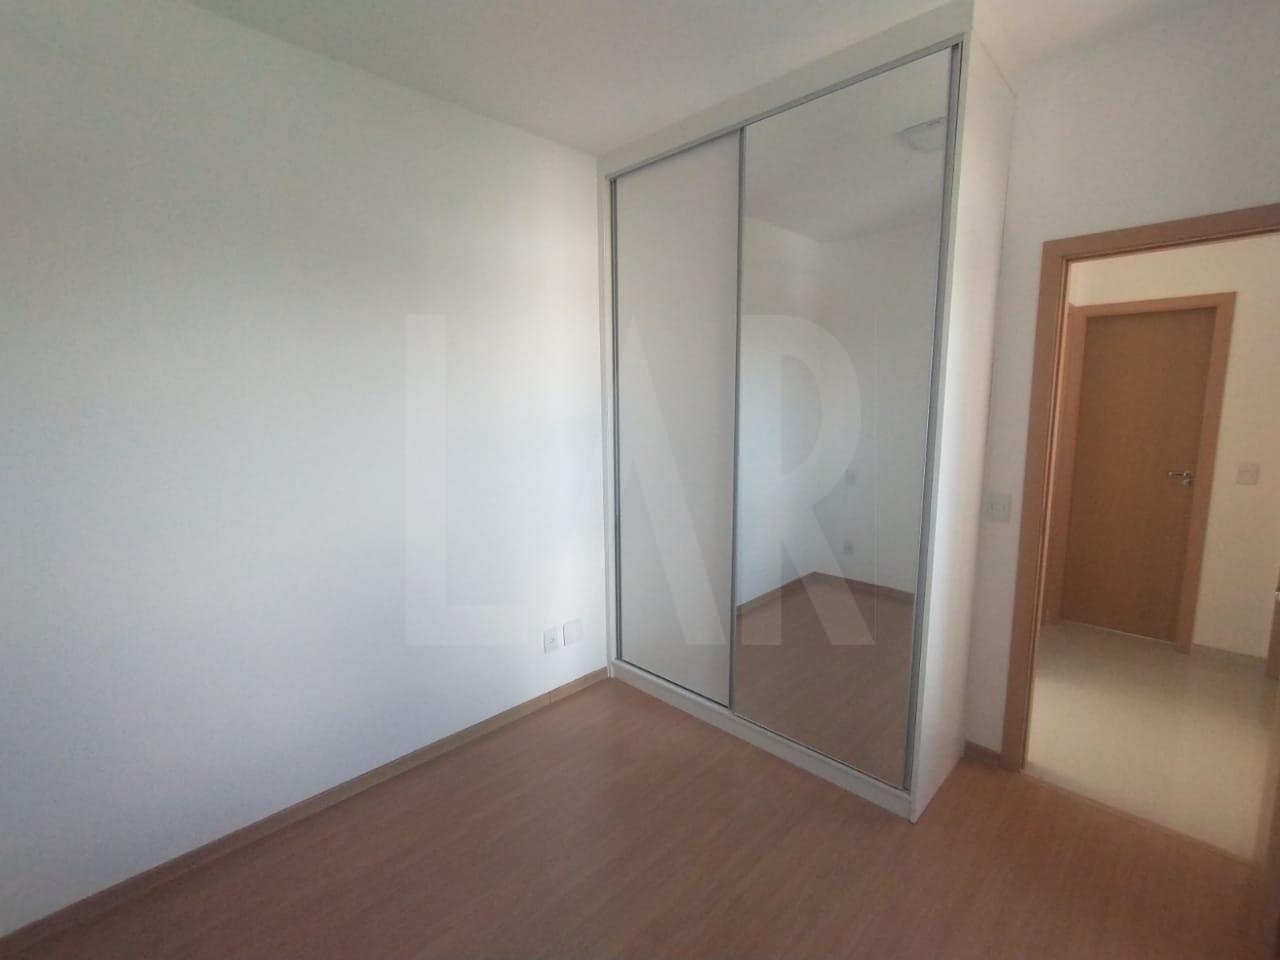 Foto Cobertura de 3 quartos à venda no OURO PRETO em Belo Horizonte - Imagem 08